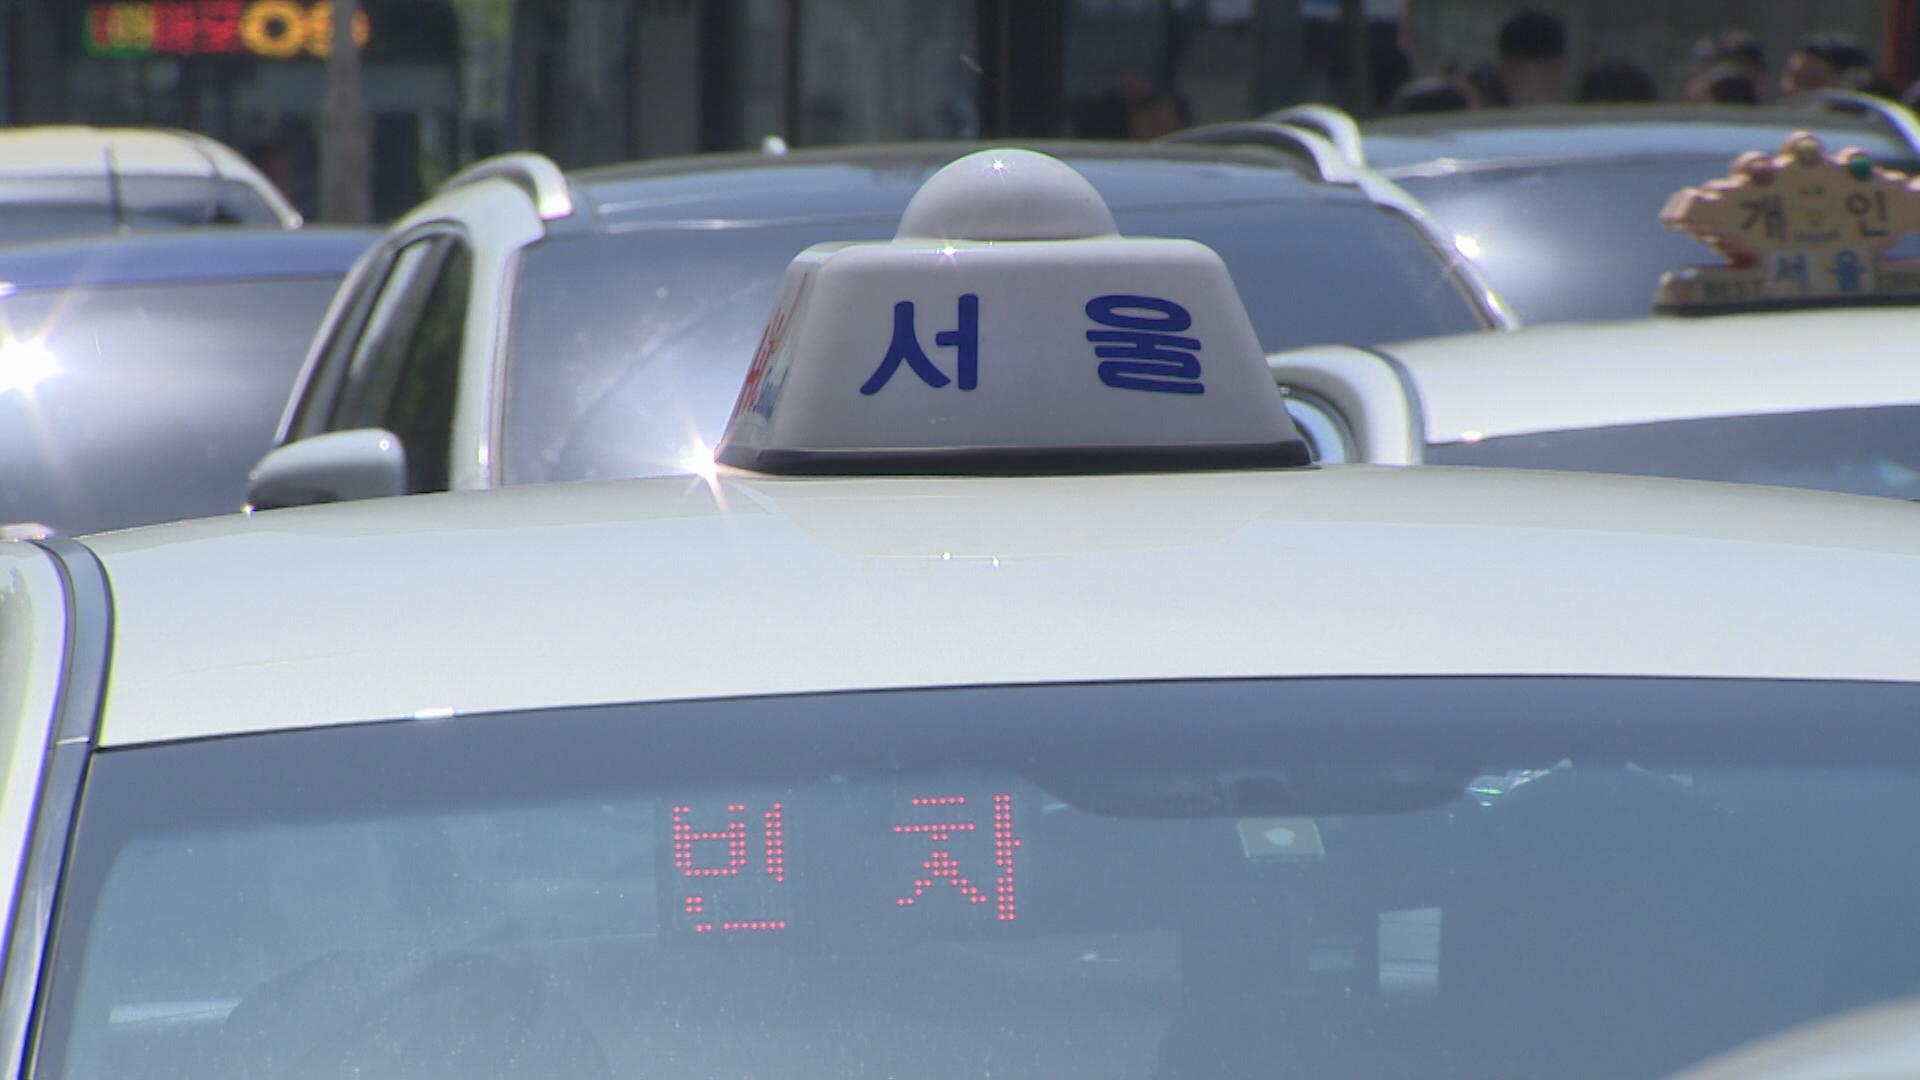 서울시 'S택시', 빈 차 끄면 그만…과태료 있으나마나